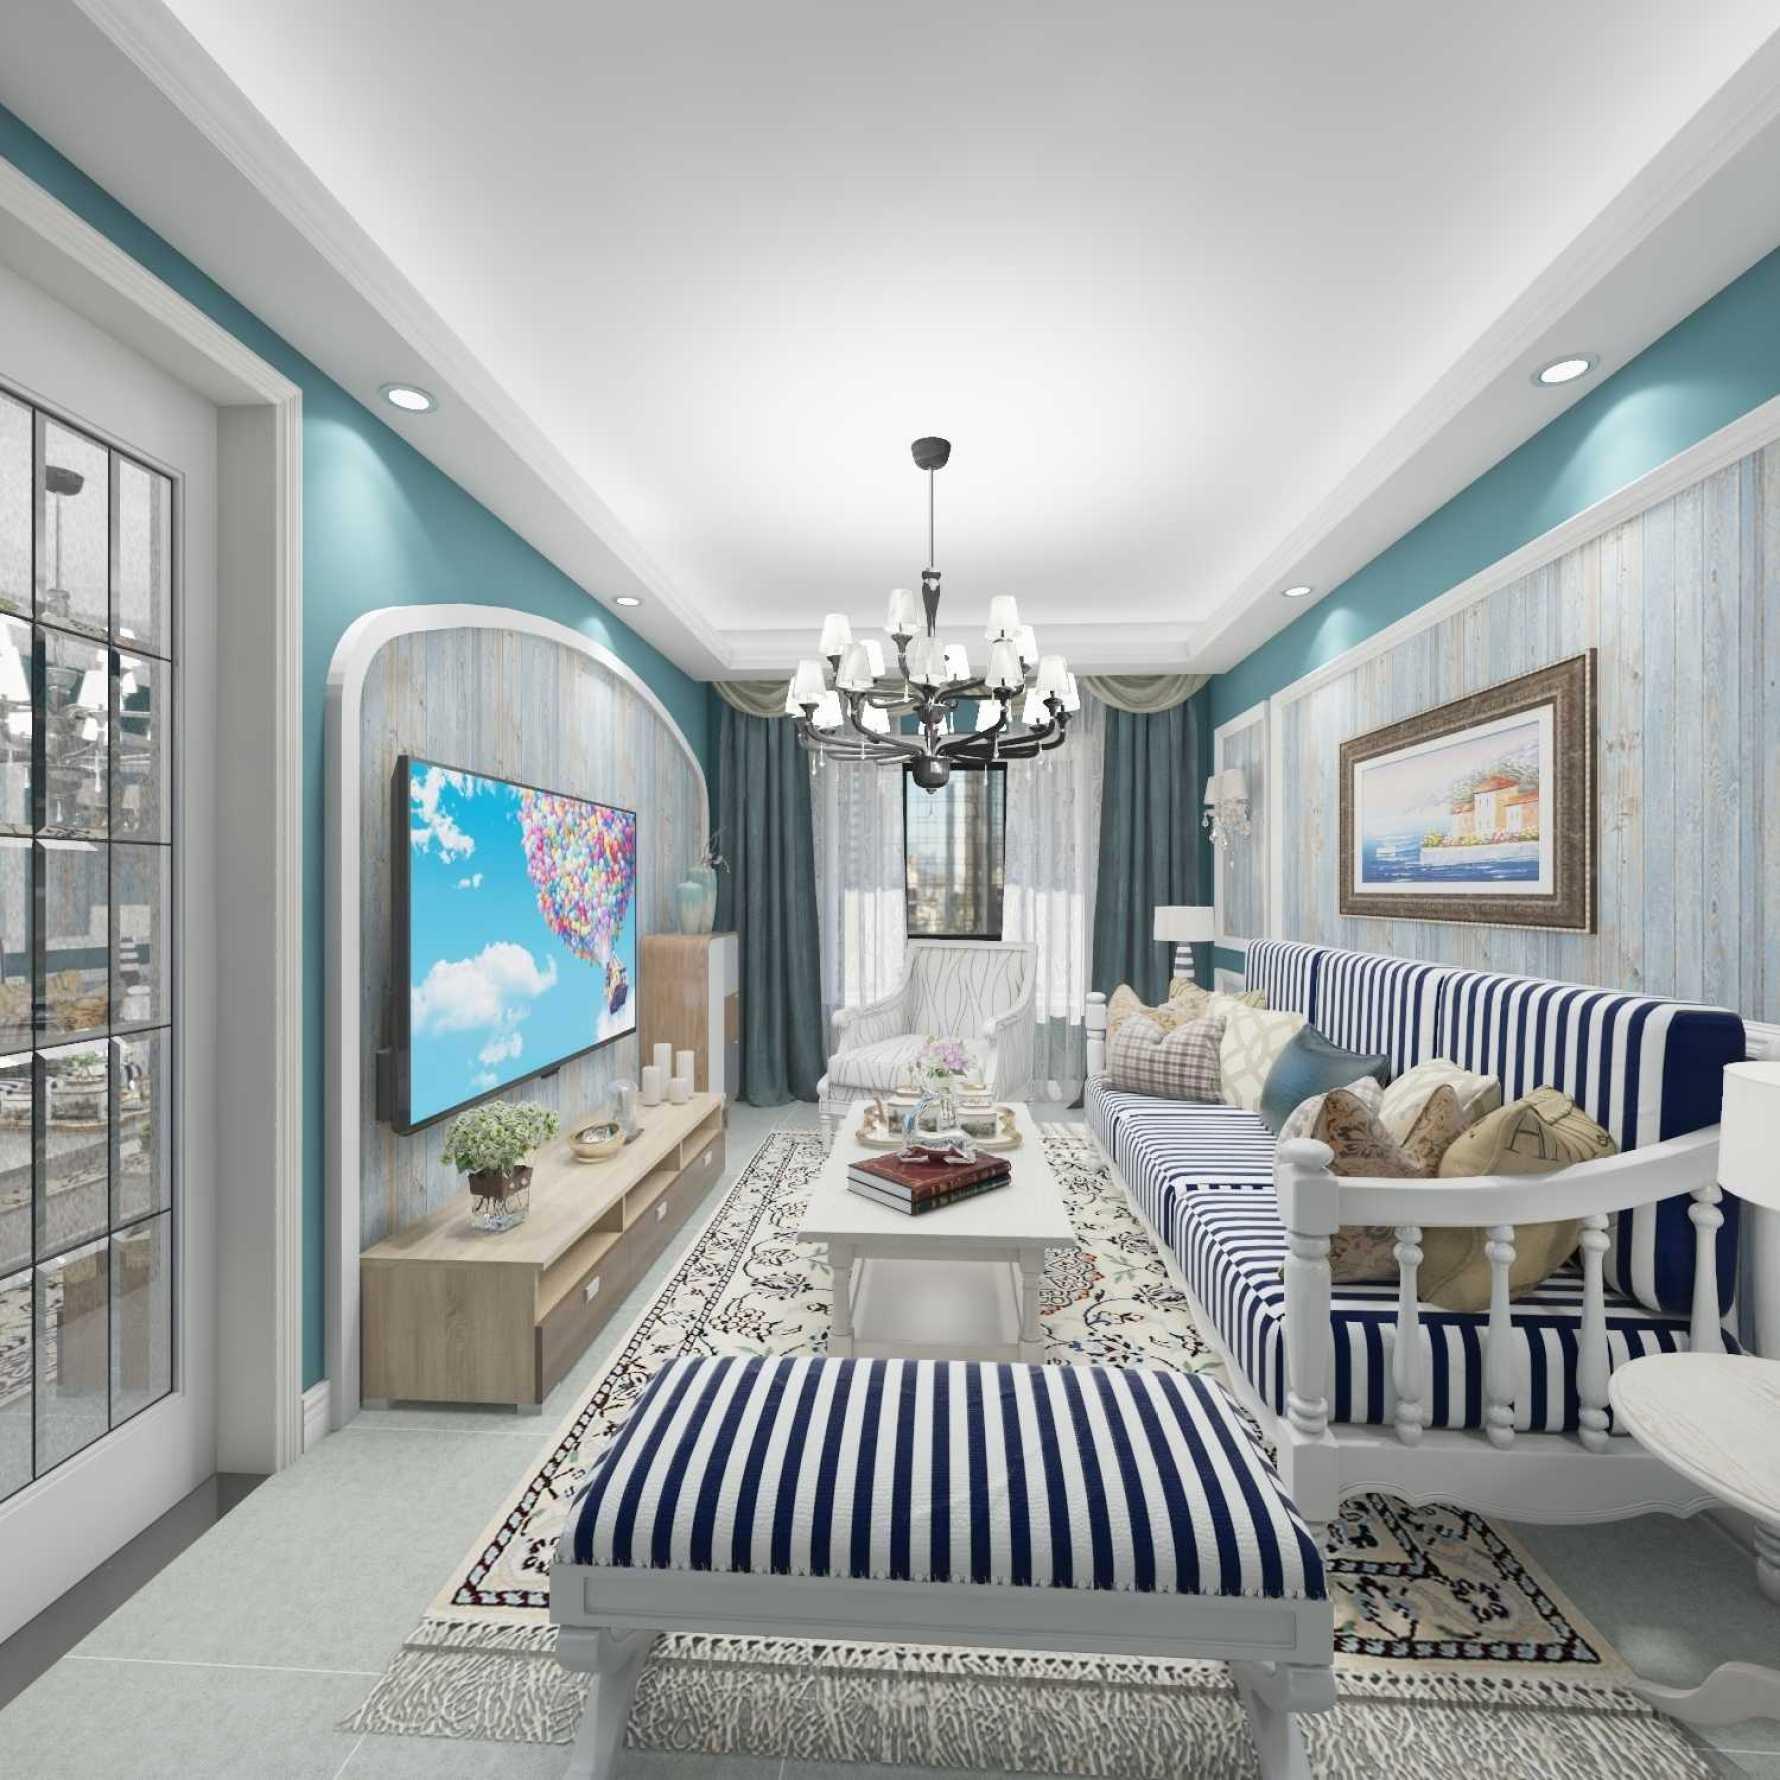 地中海风格一室一厅装修设计图